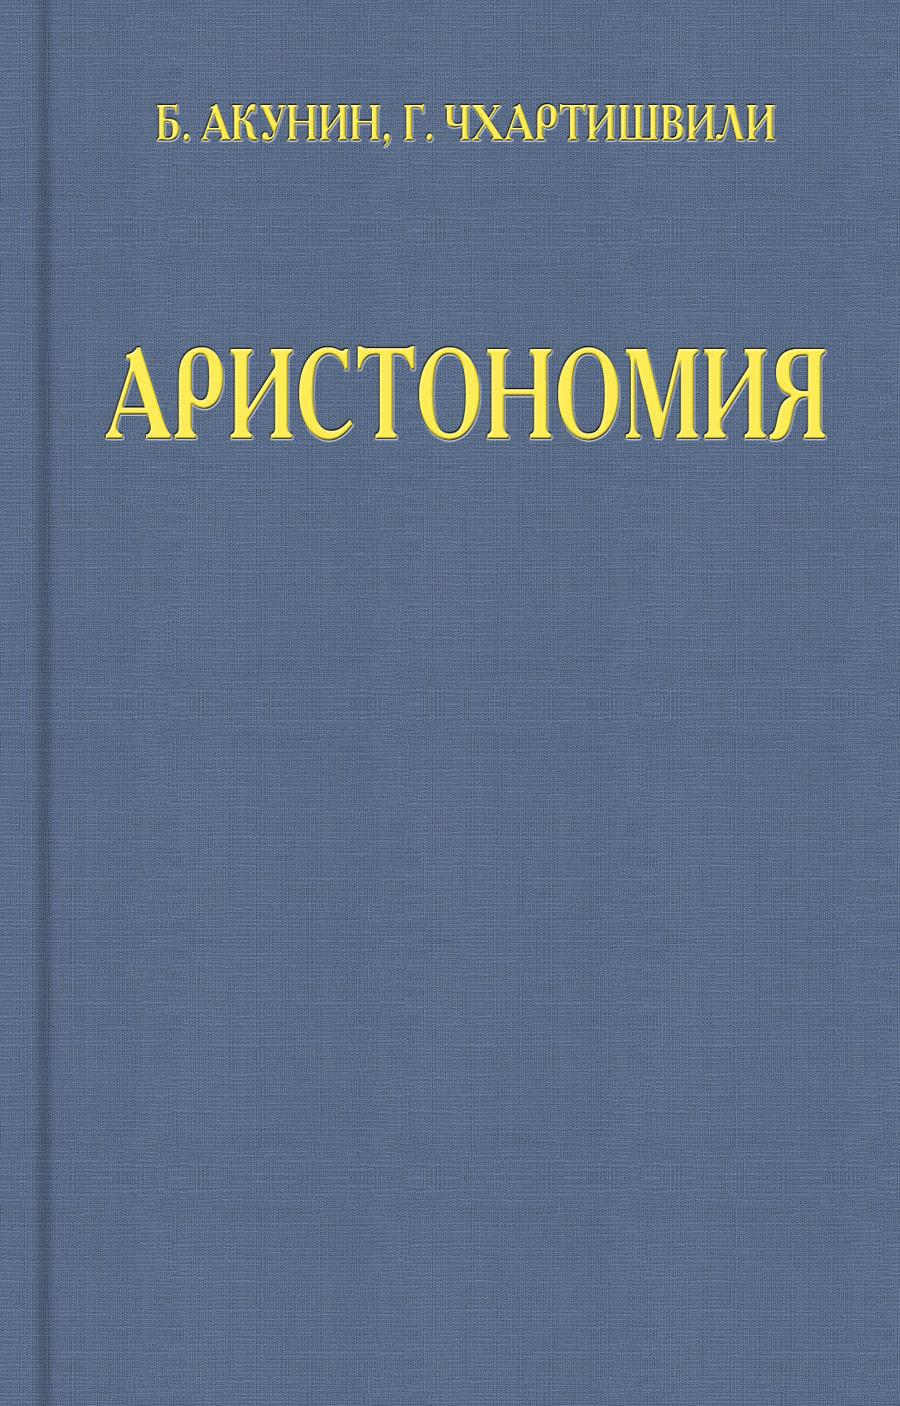 Борис Акунин Аристономия акунин б чхартишвили г кладбищенские истории